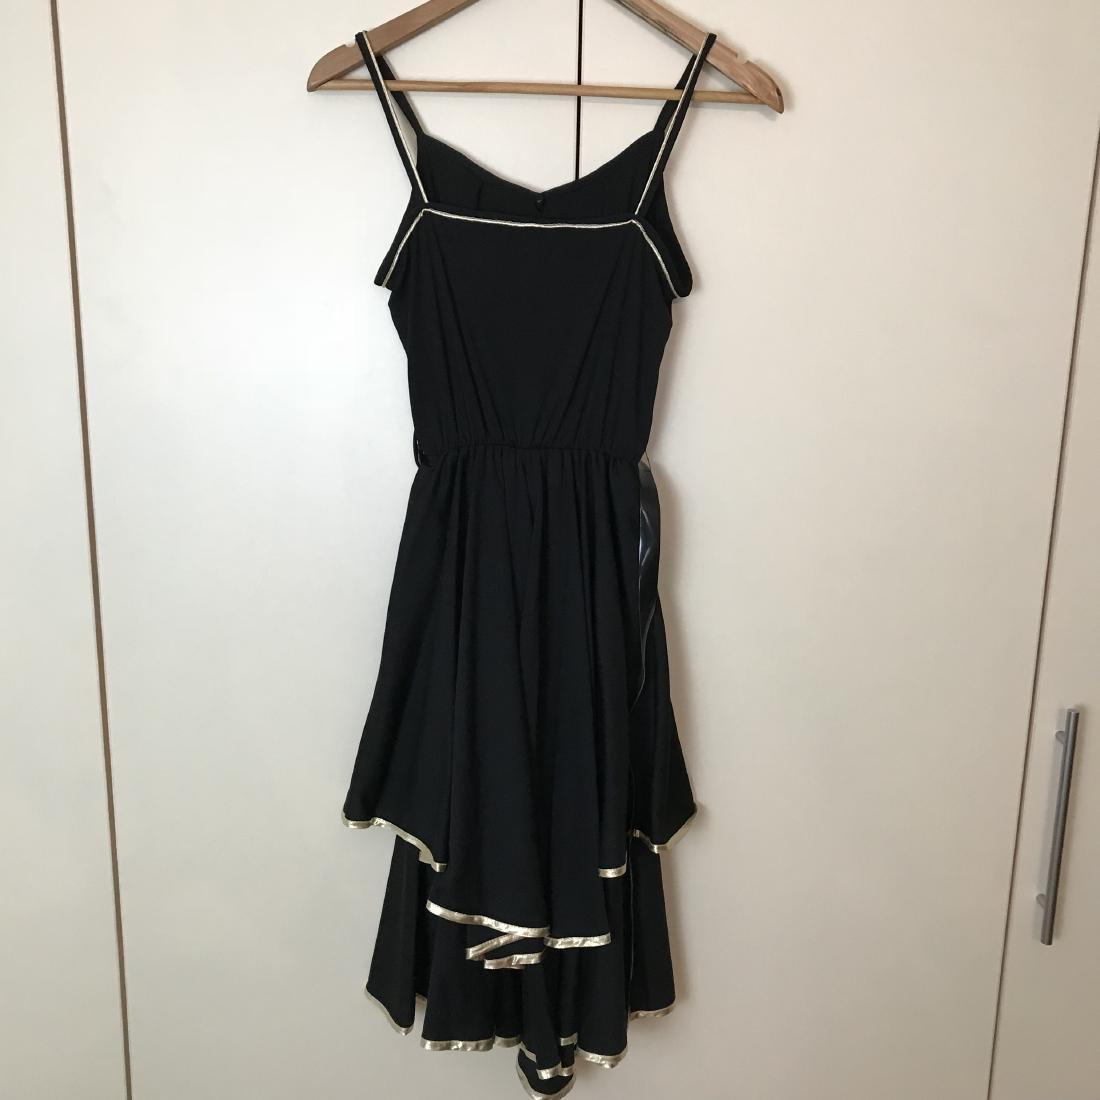 Black / Gold Vintage Designer Dress Size EUR 38 US 8 - 5